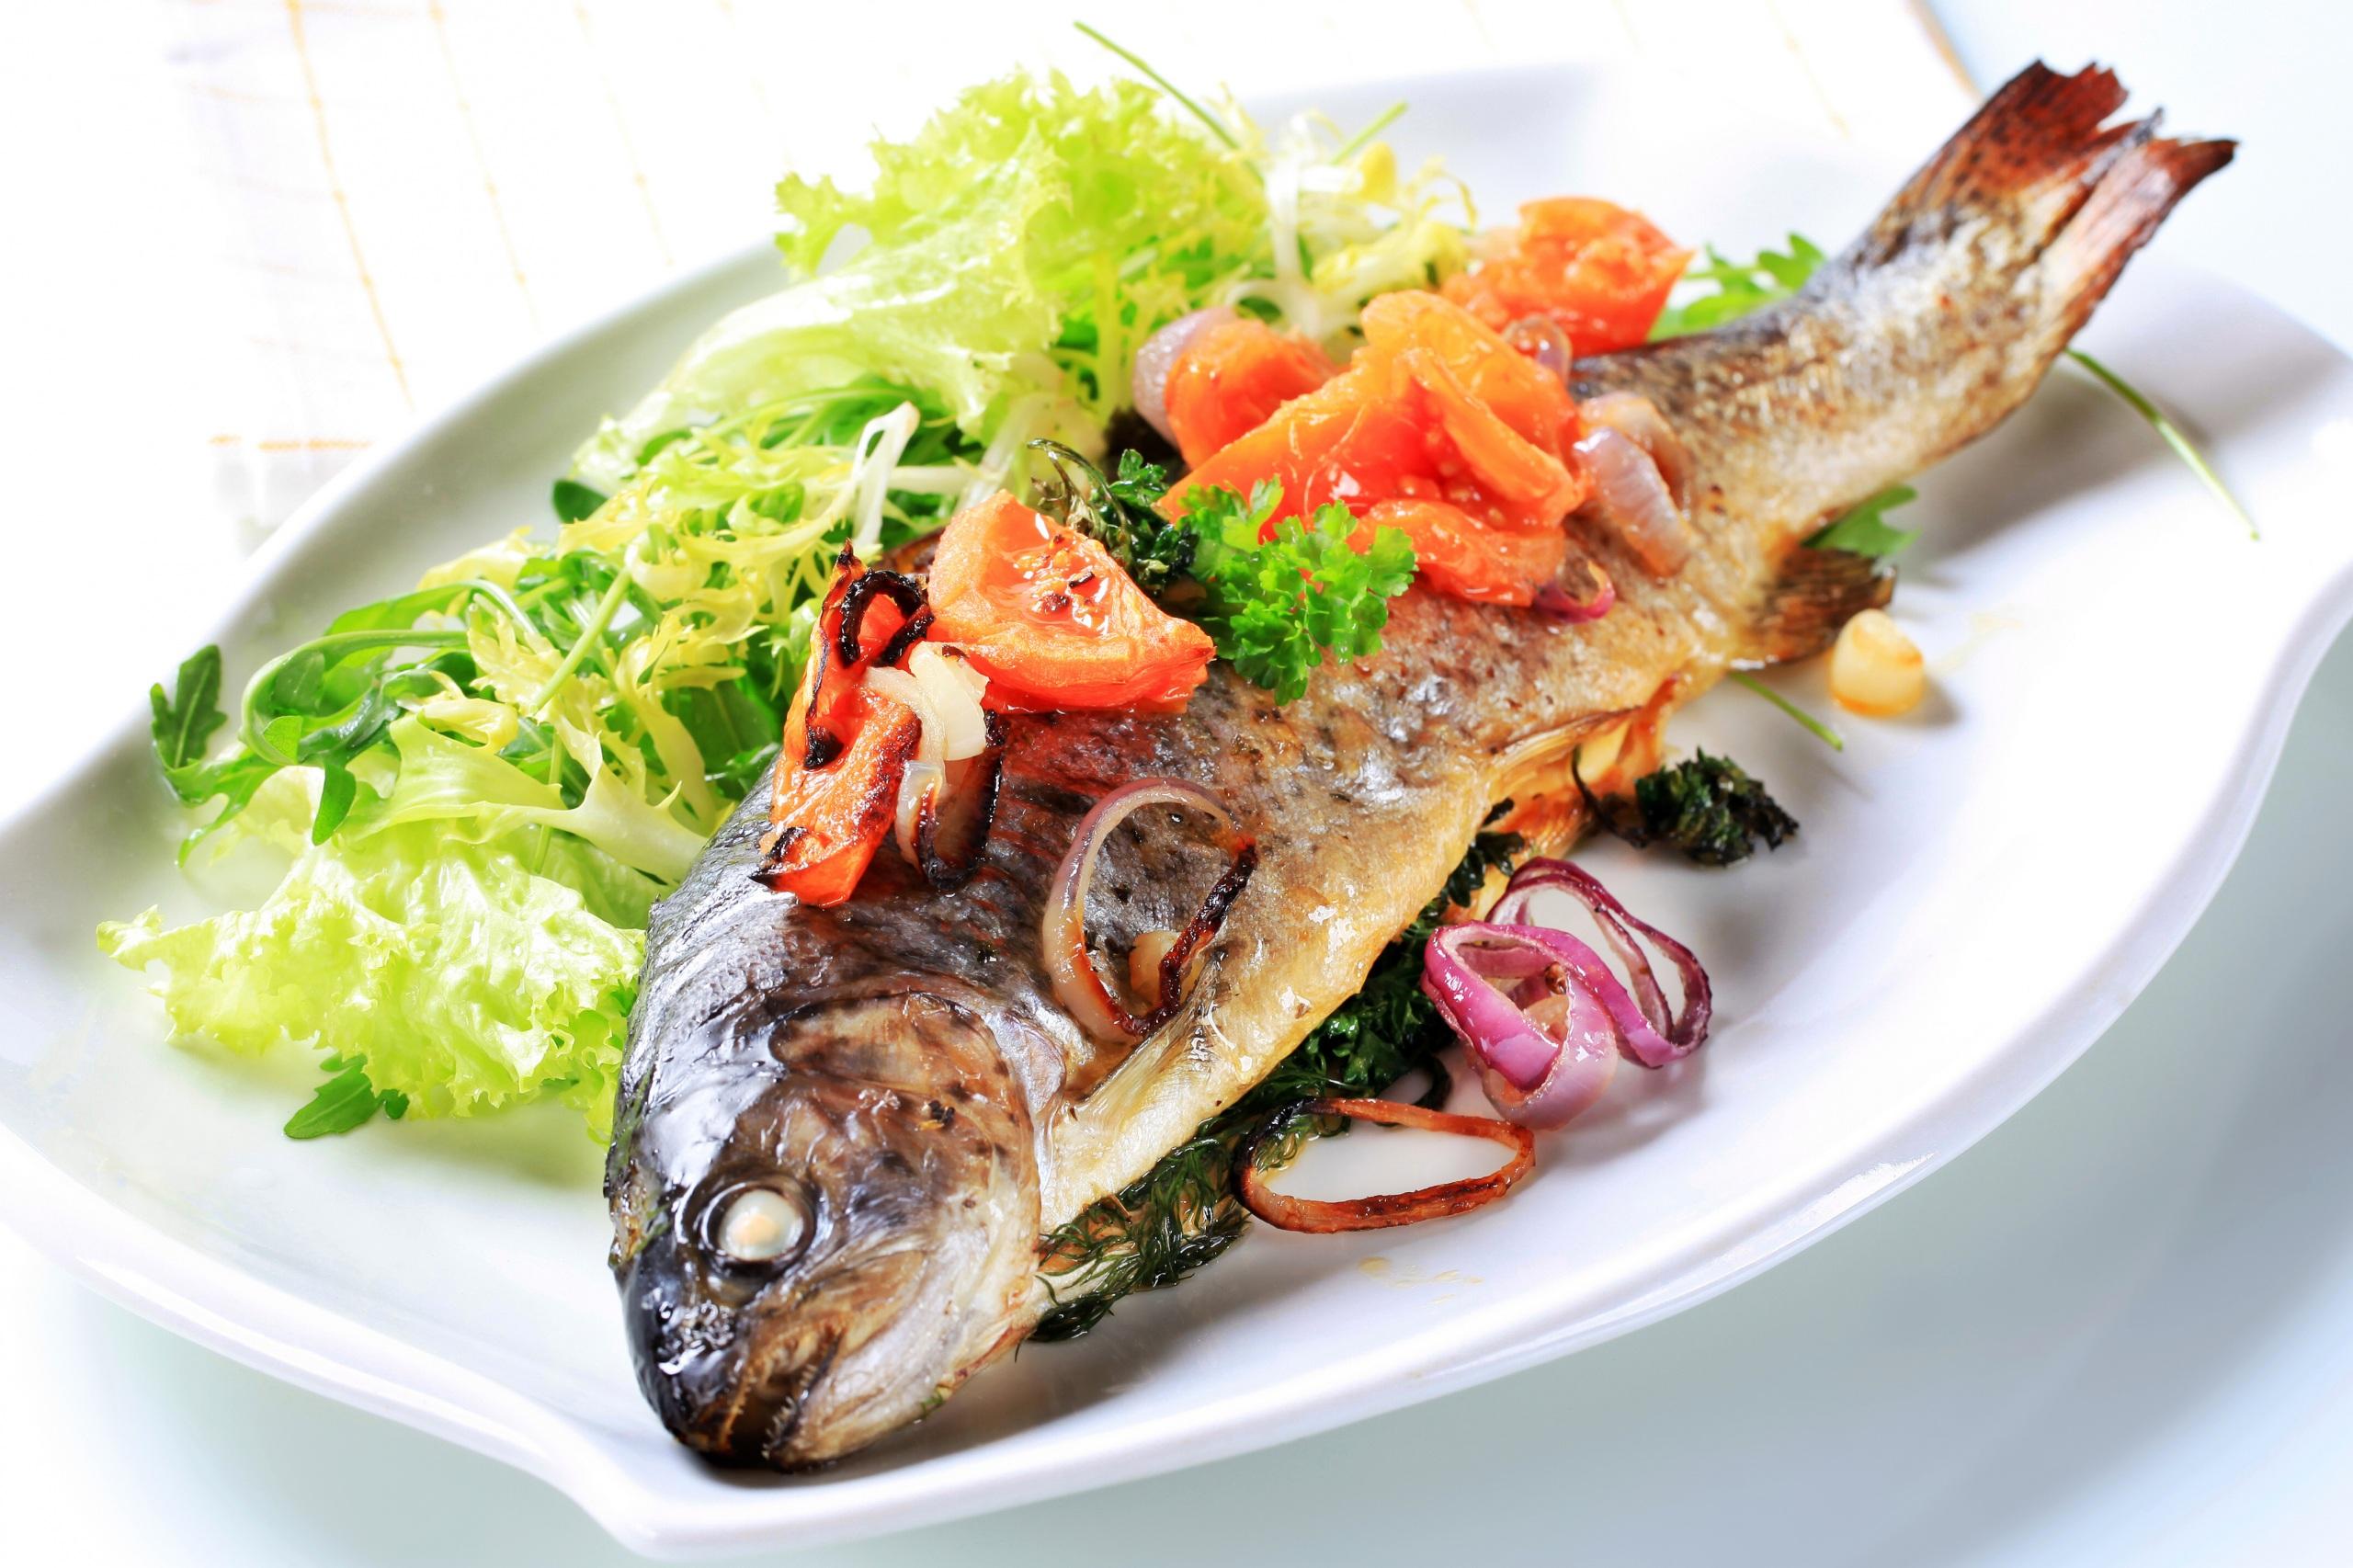 Фотографии Рыба Еда Овощи Тарелка 2560x1706 Пища тарелке Продукты питания